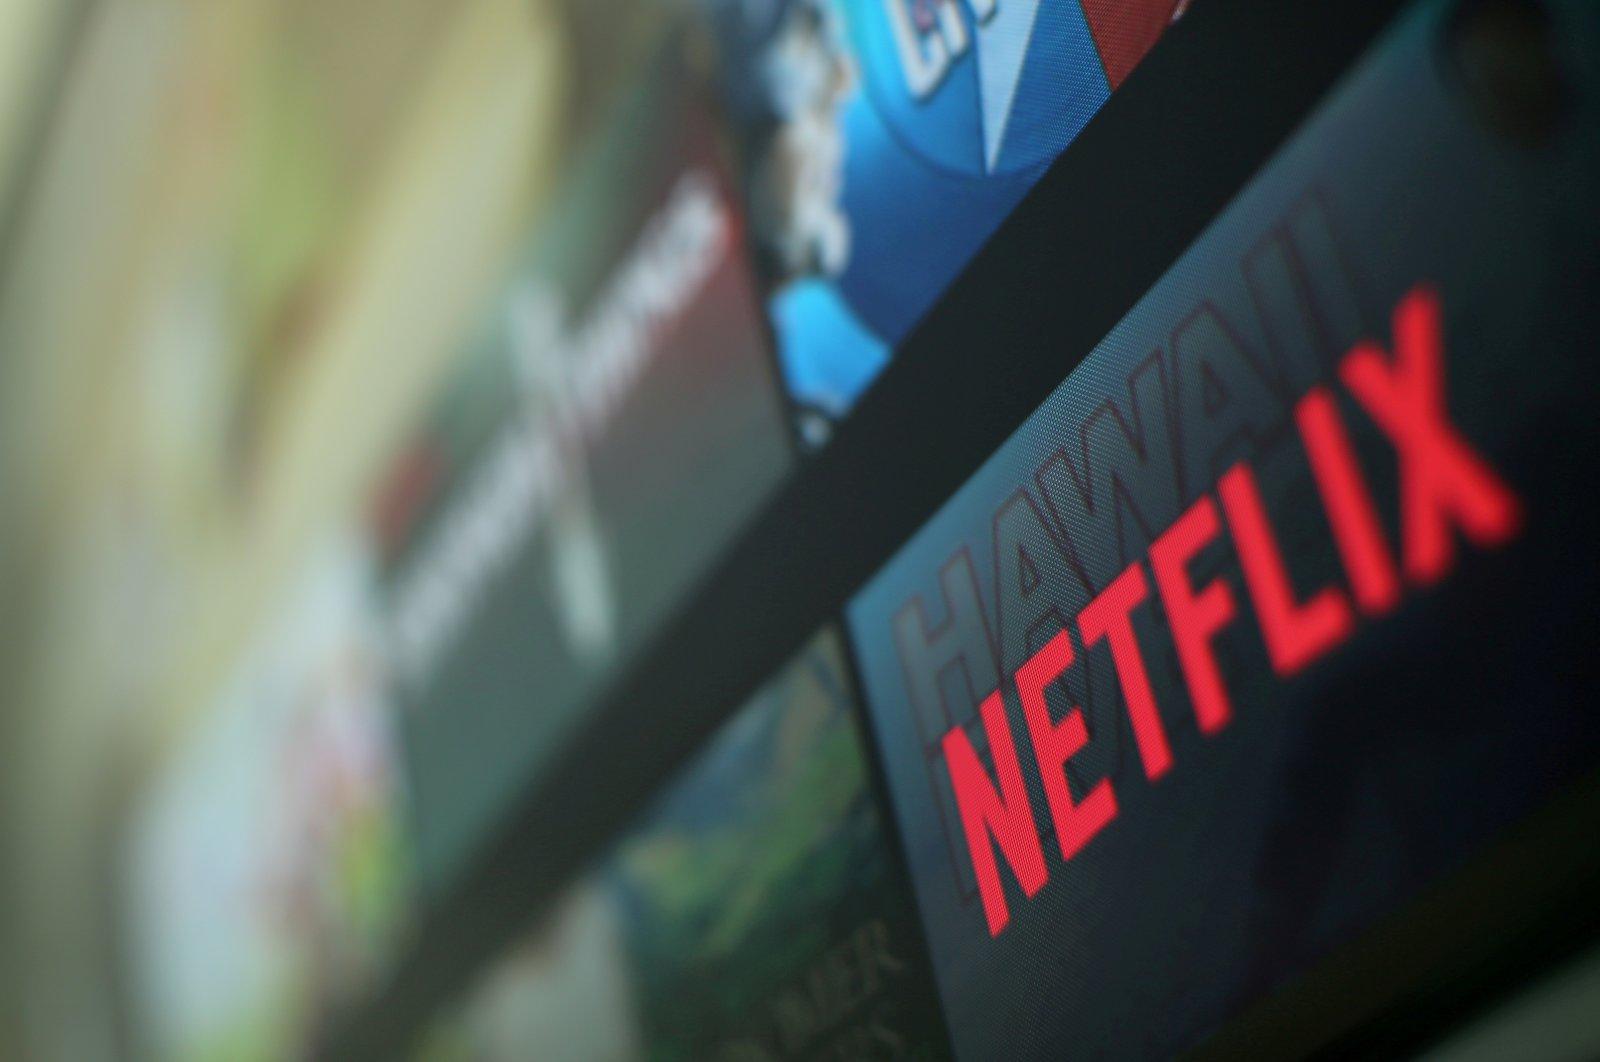 Le géant du streaming Netflix envisage d'ouvrir un studio de cinéma en Turquie